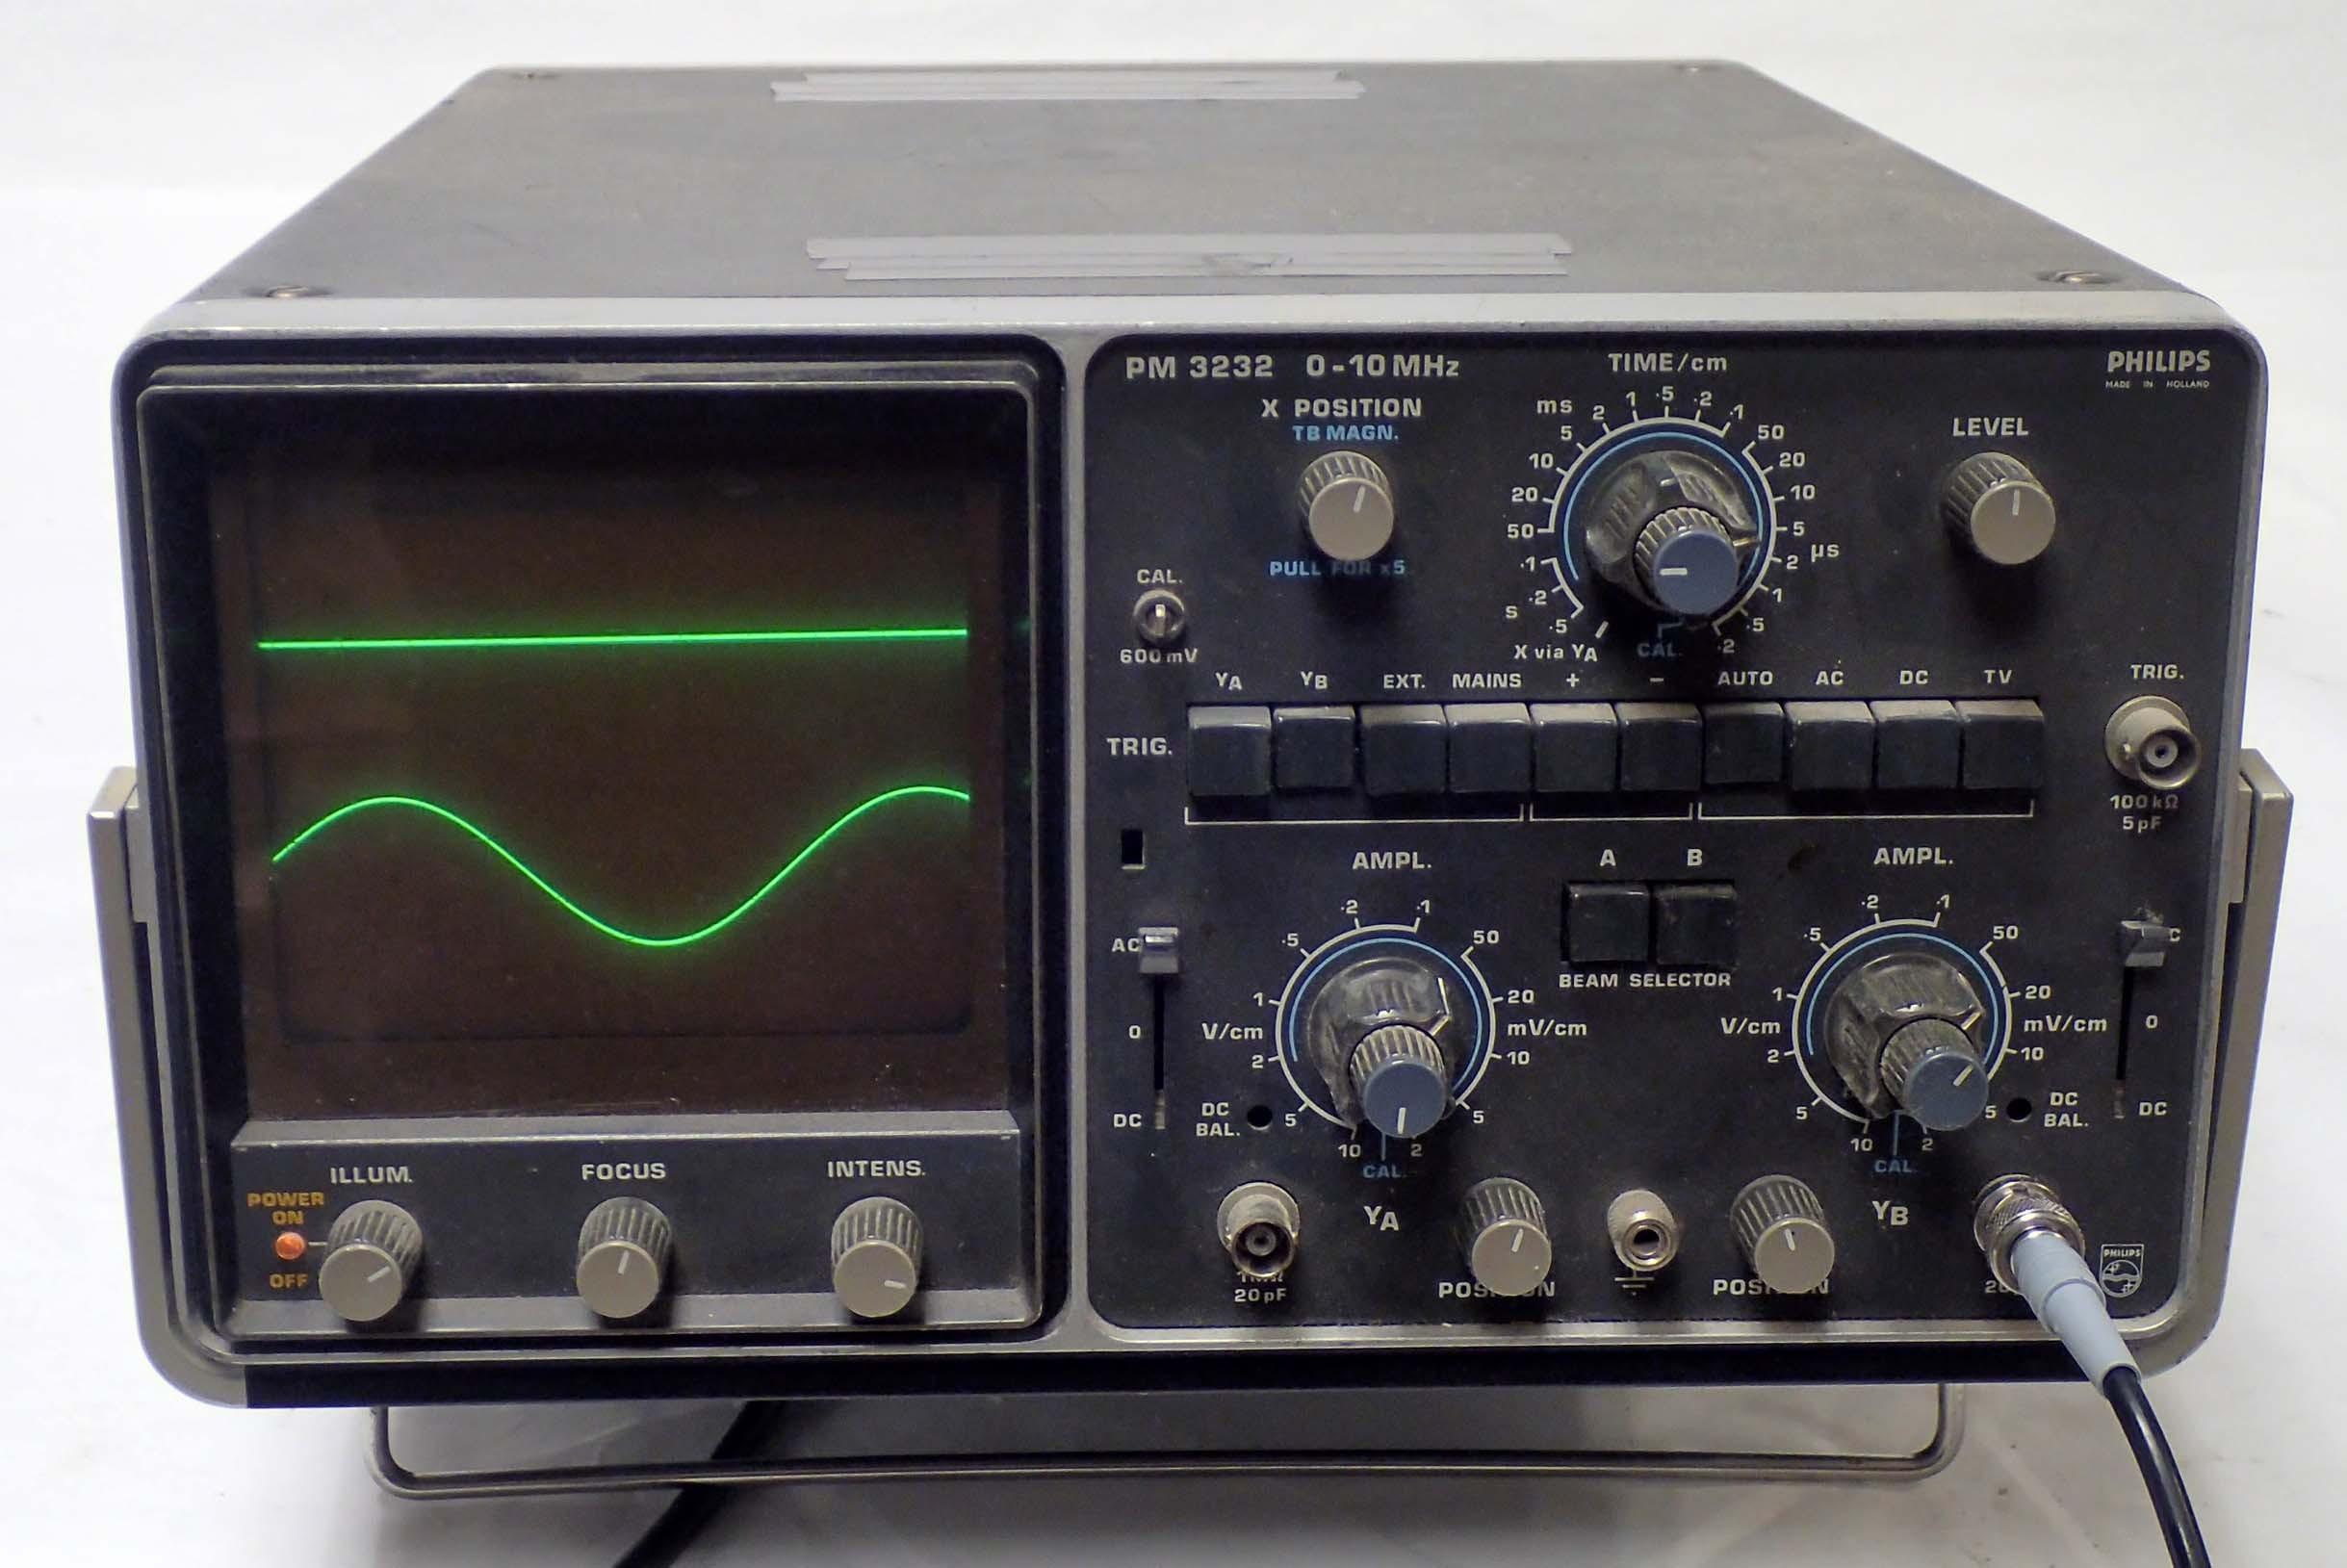 Dual Trace Oscilloscope : Philips pm oscilloscope to mhz dual trace